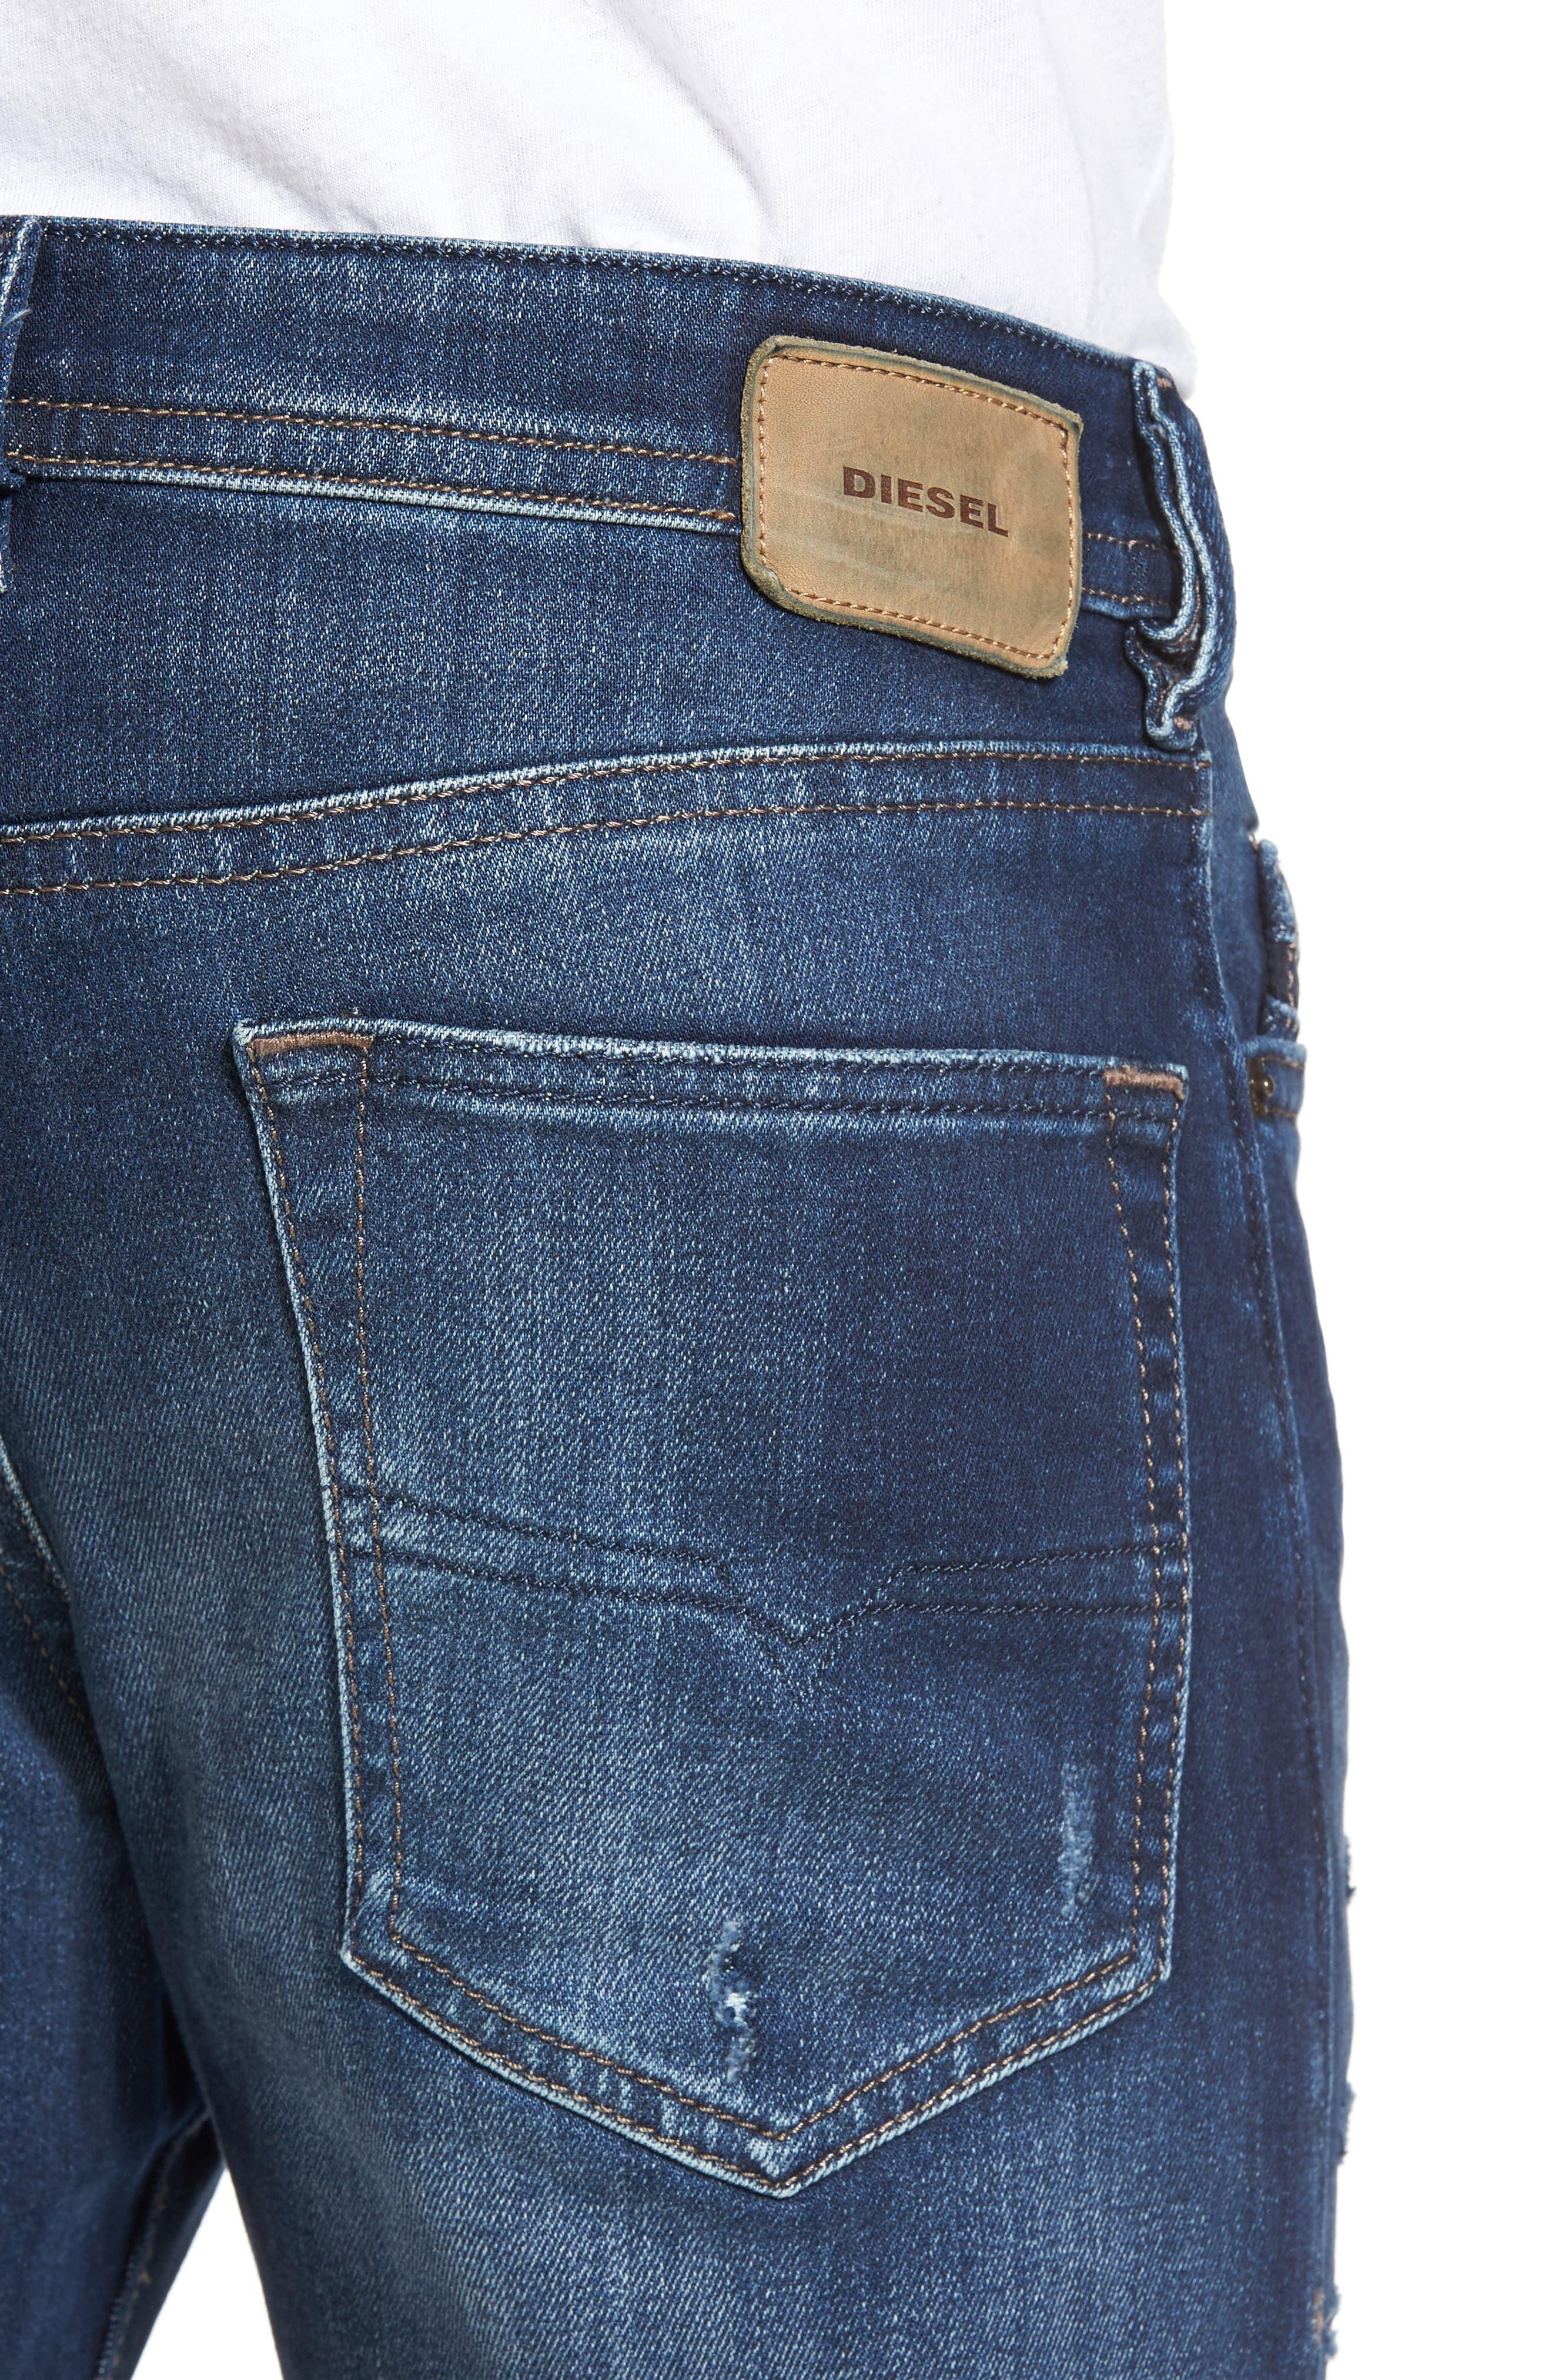 Buster Slim Straight Leg Jeans,                             Alternate thumbnail 4, color,                             900